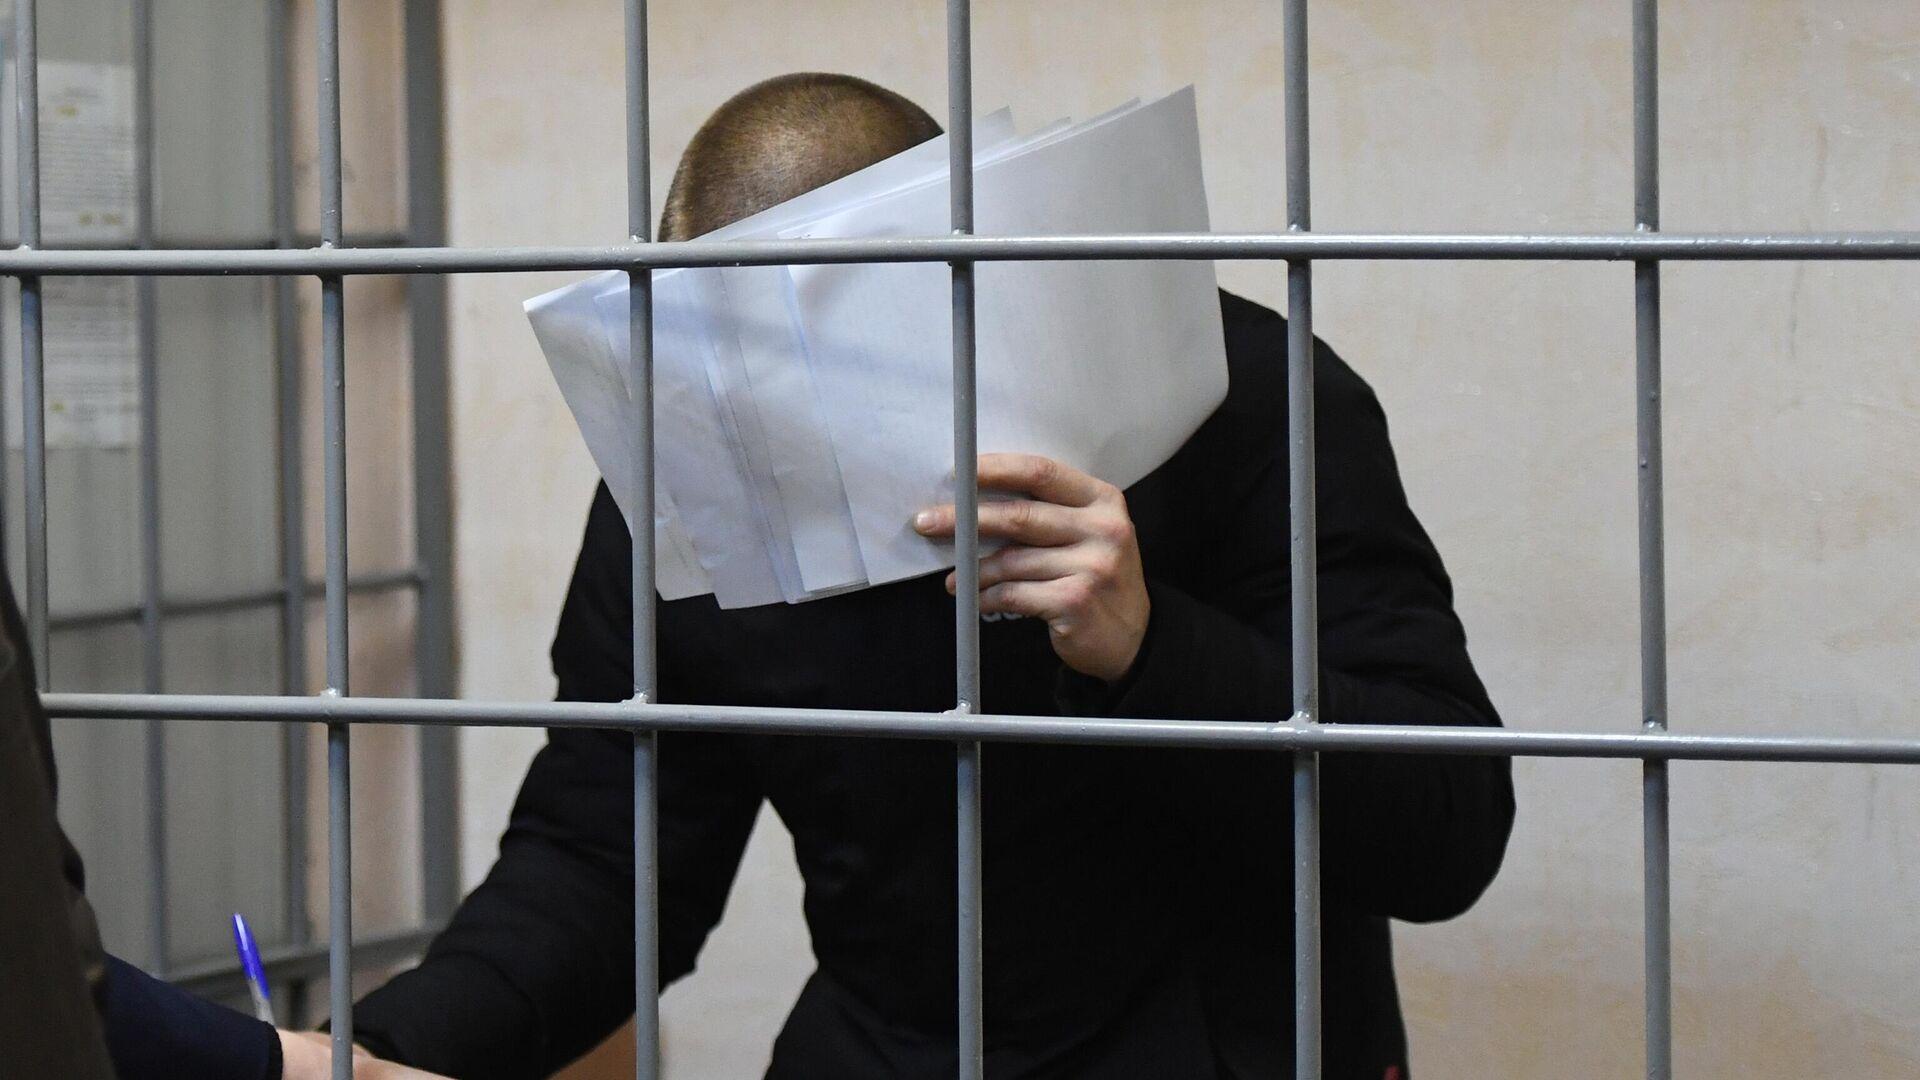 Задержанный в Татарстане по подозрению в убийствах 26 пожилых женщин Радик Тагиров в суде - РИА Новости, 1920, 26.01.2021